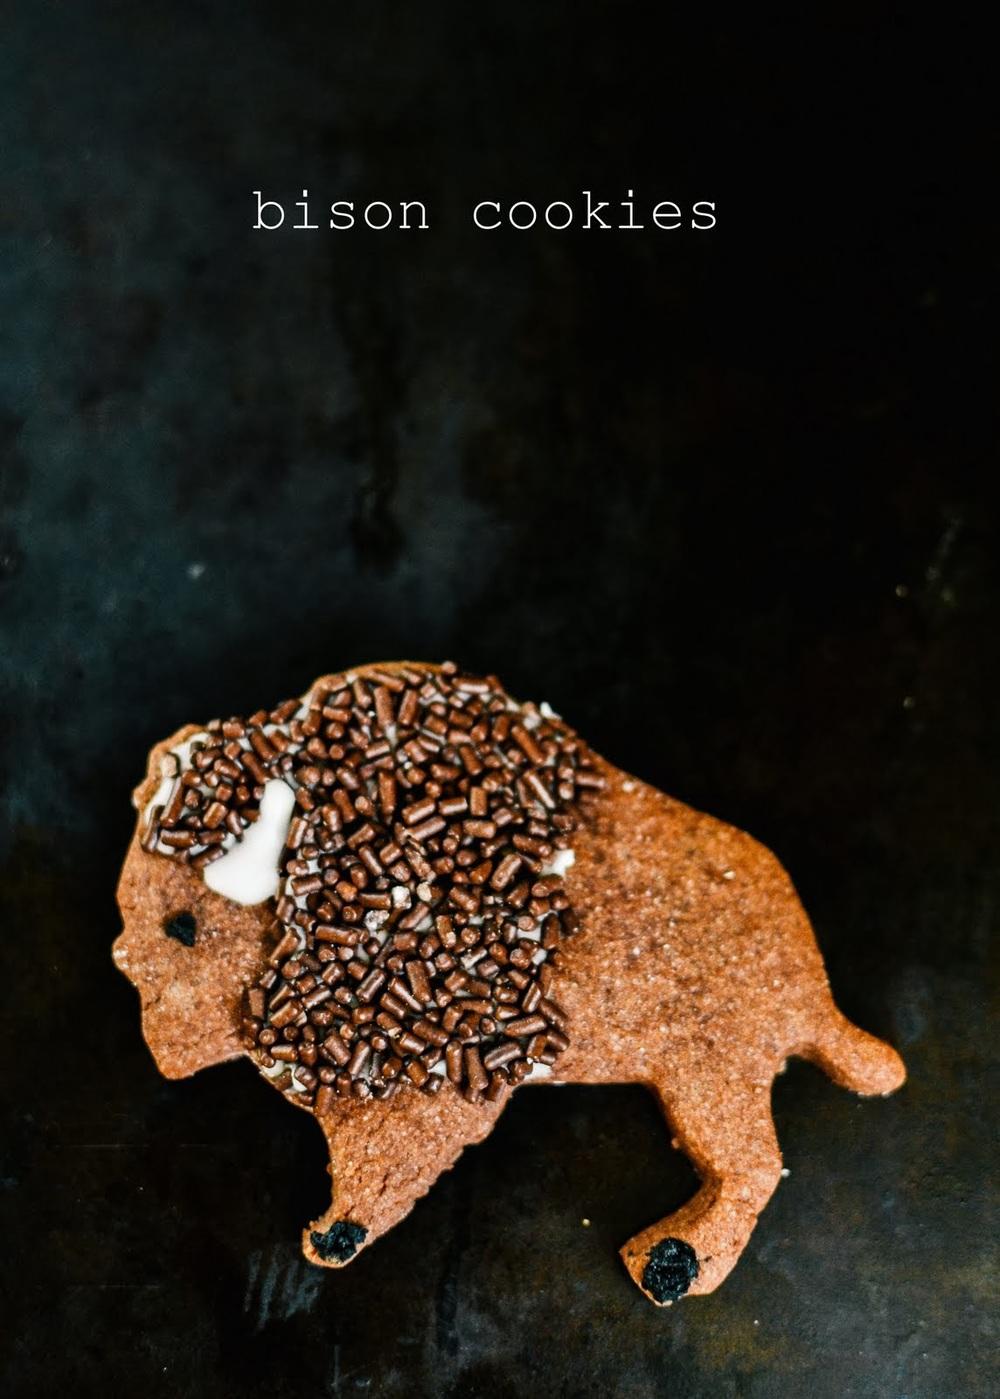 bison+cookies-6.jpg